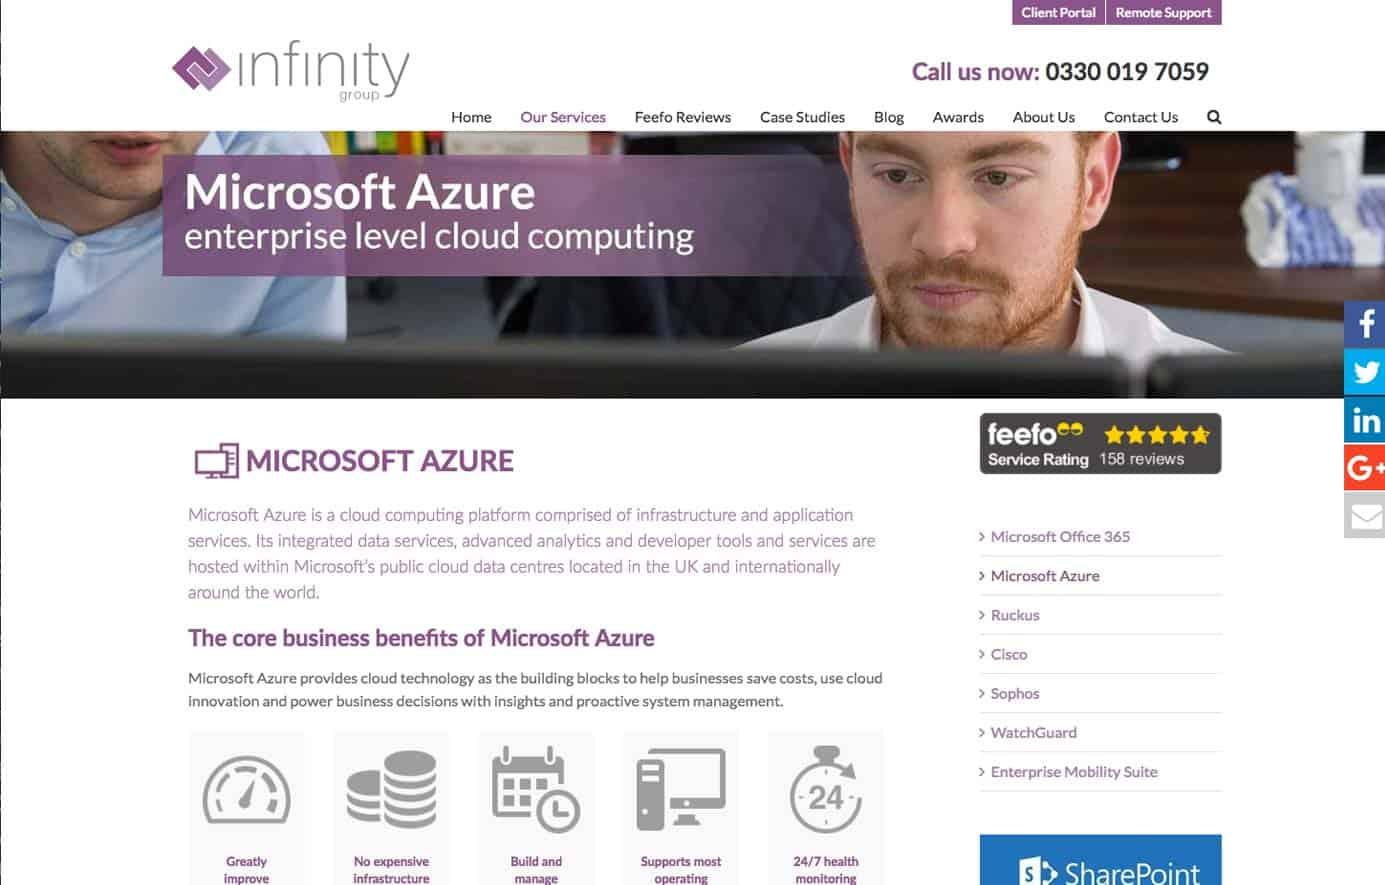 Infinity Group Azure website design